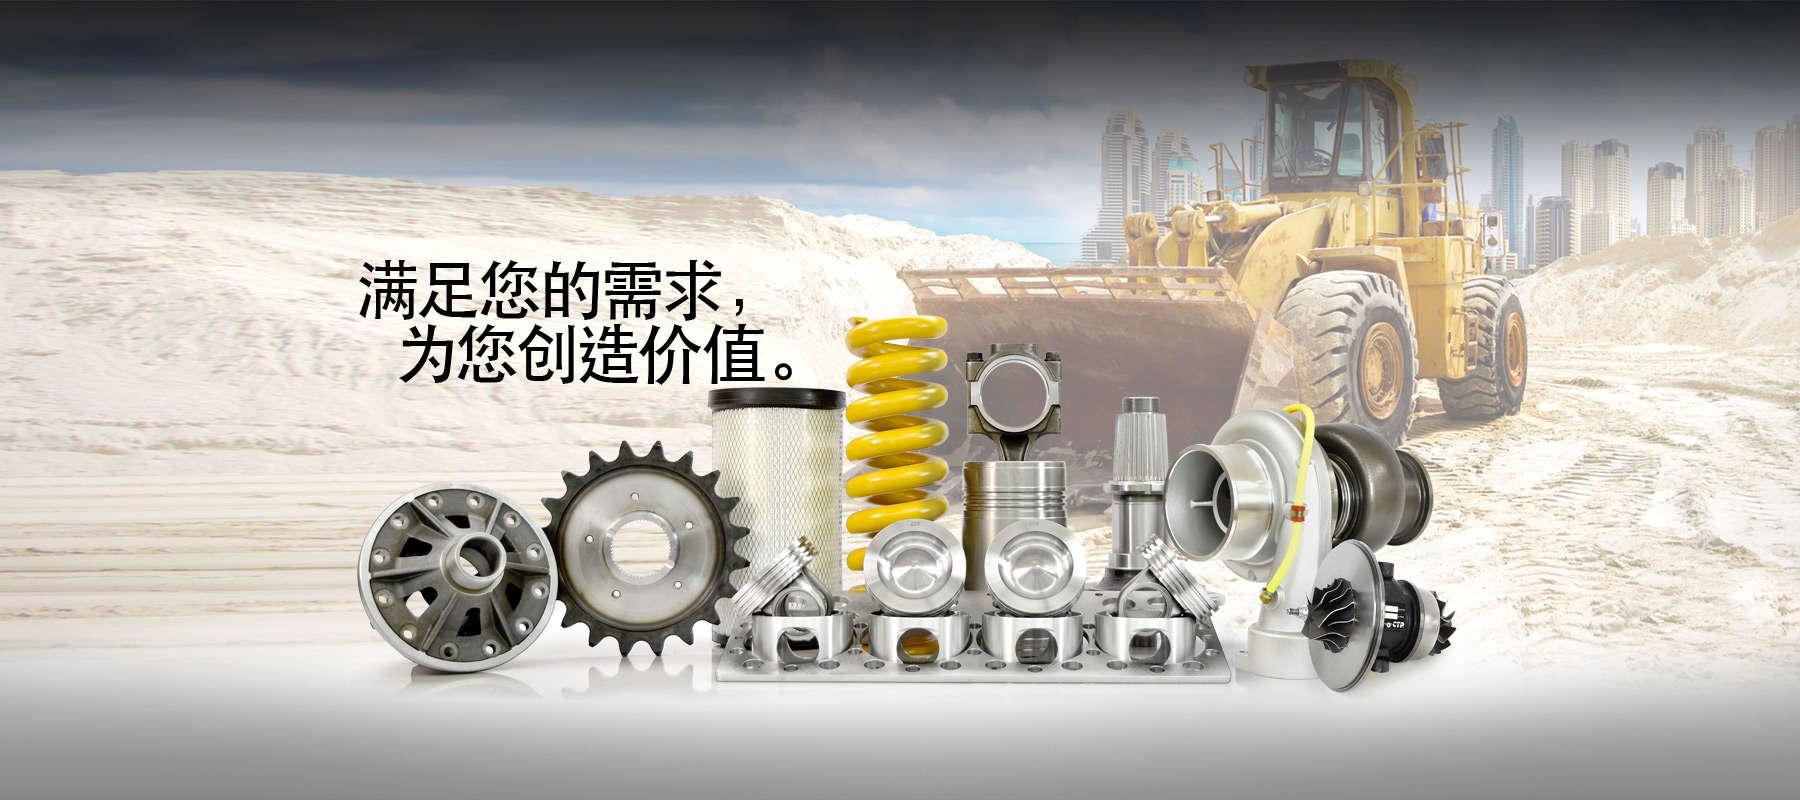 banner-slide01-bg-ch-3